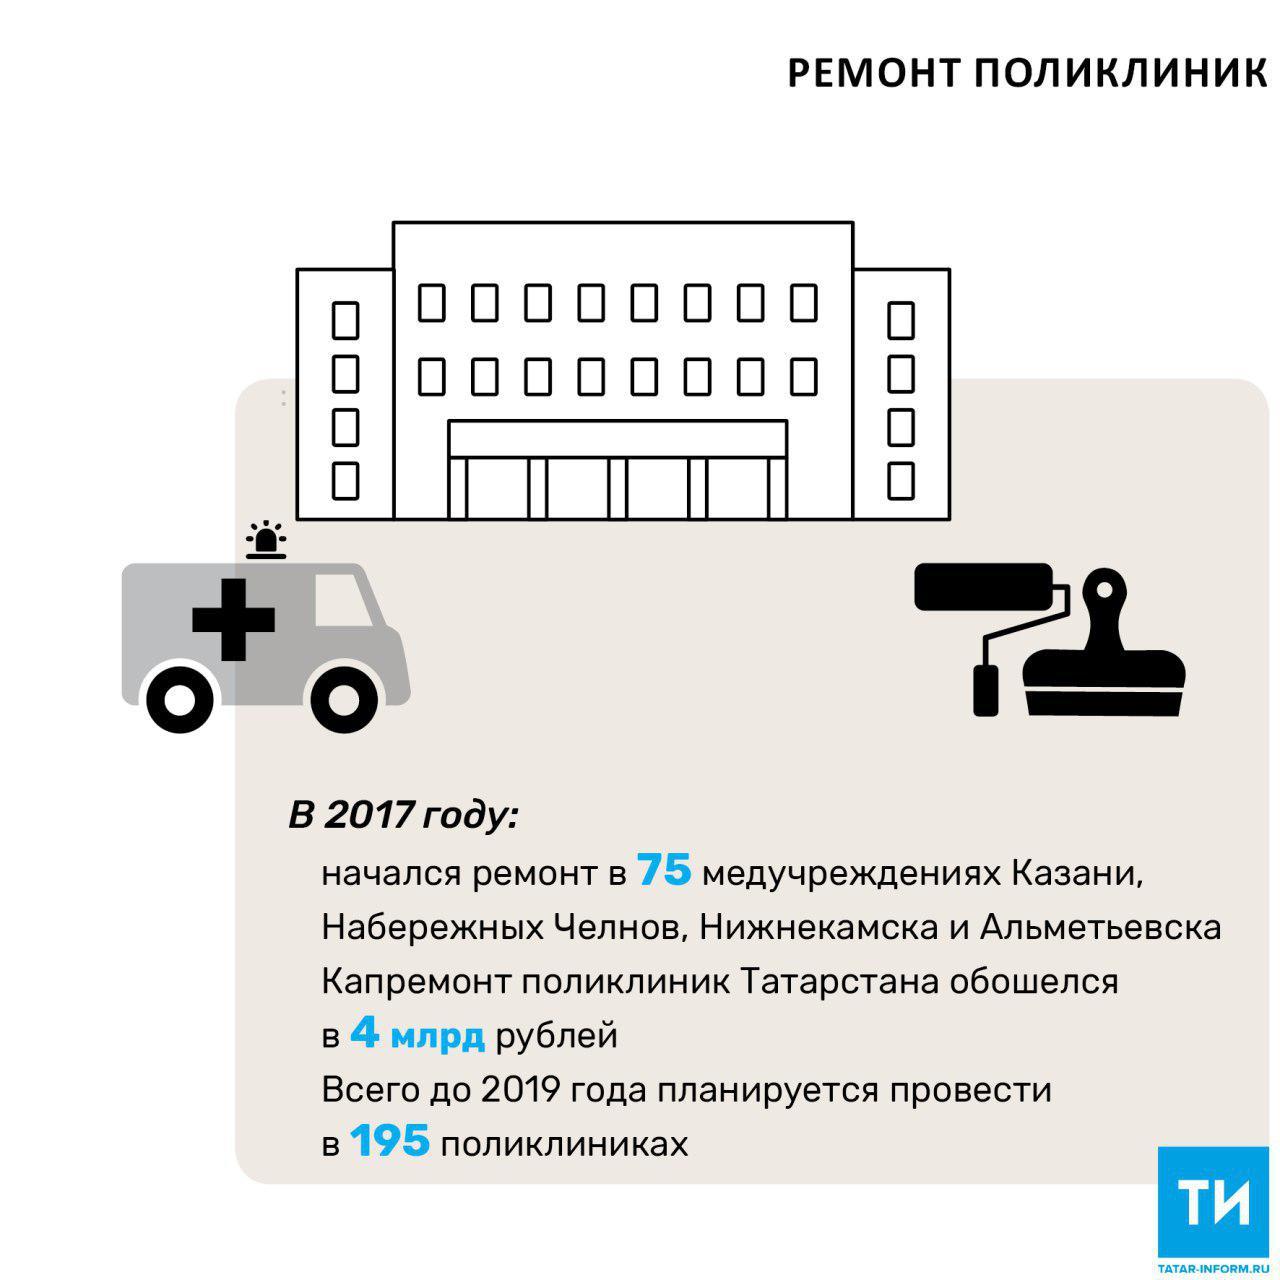 Капремонт поликлиник Татарстана в 2017 году обошелся в 4 млрд рублей